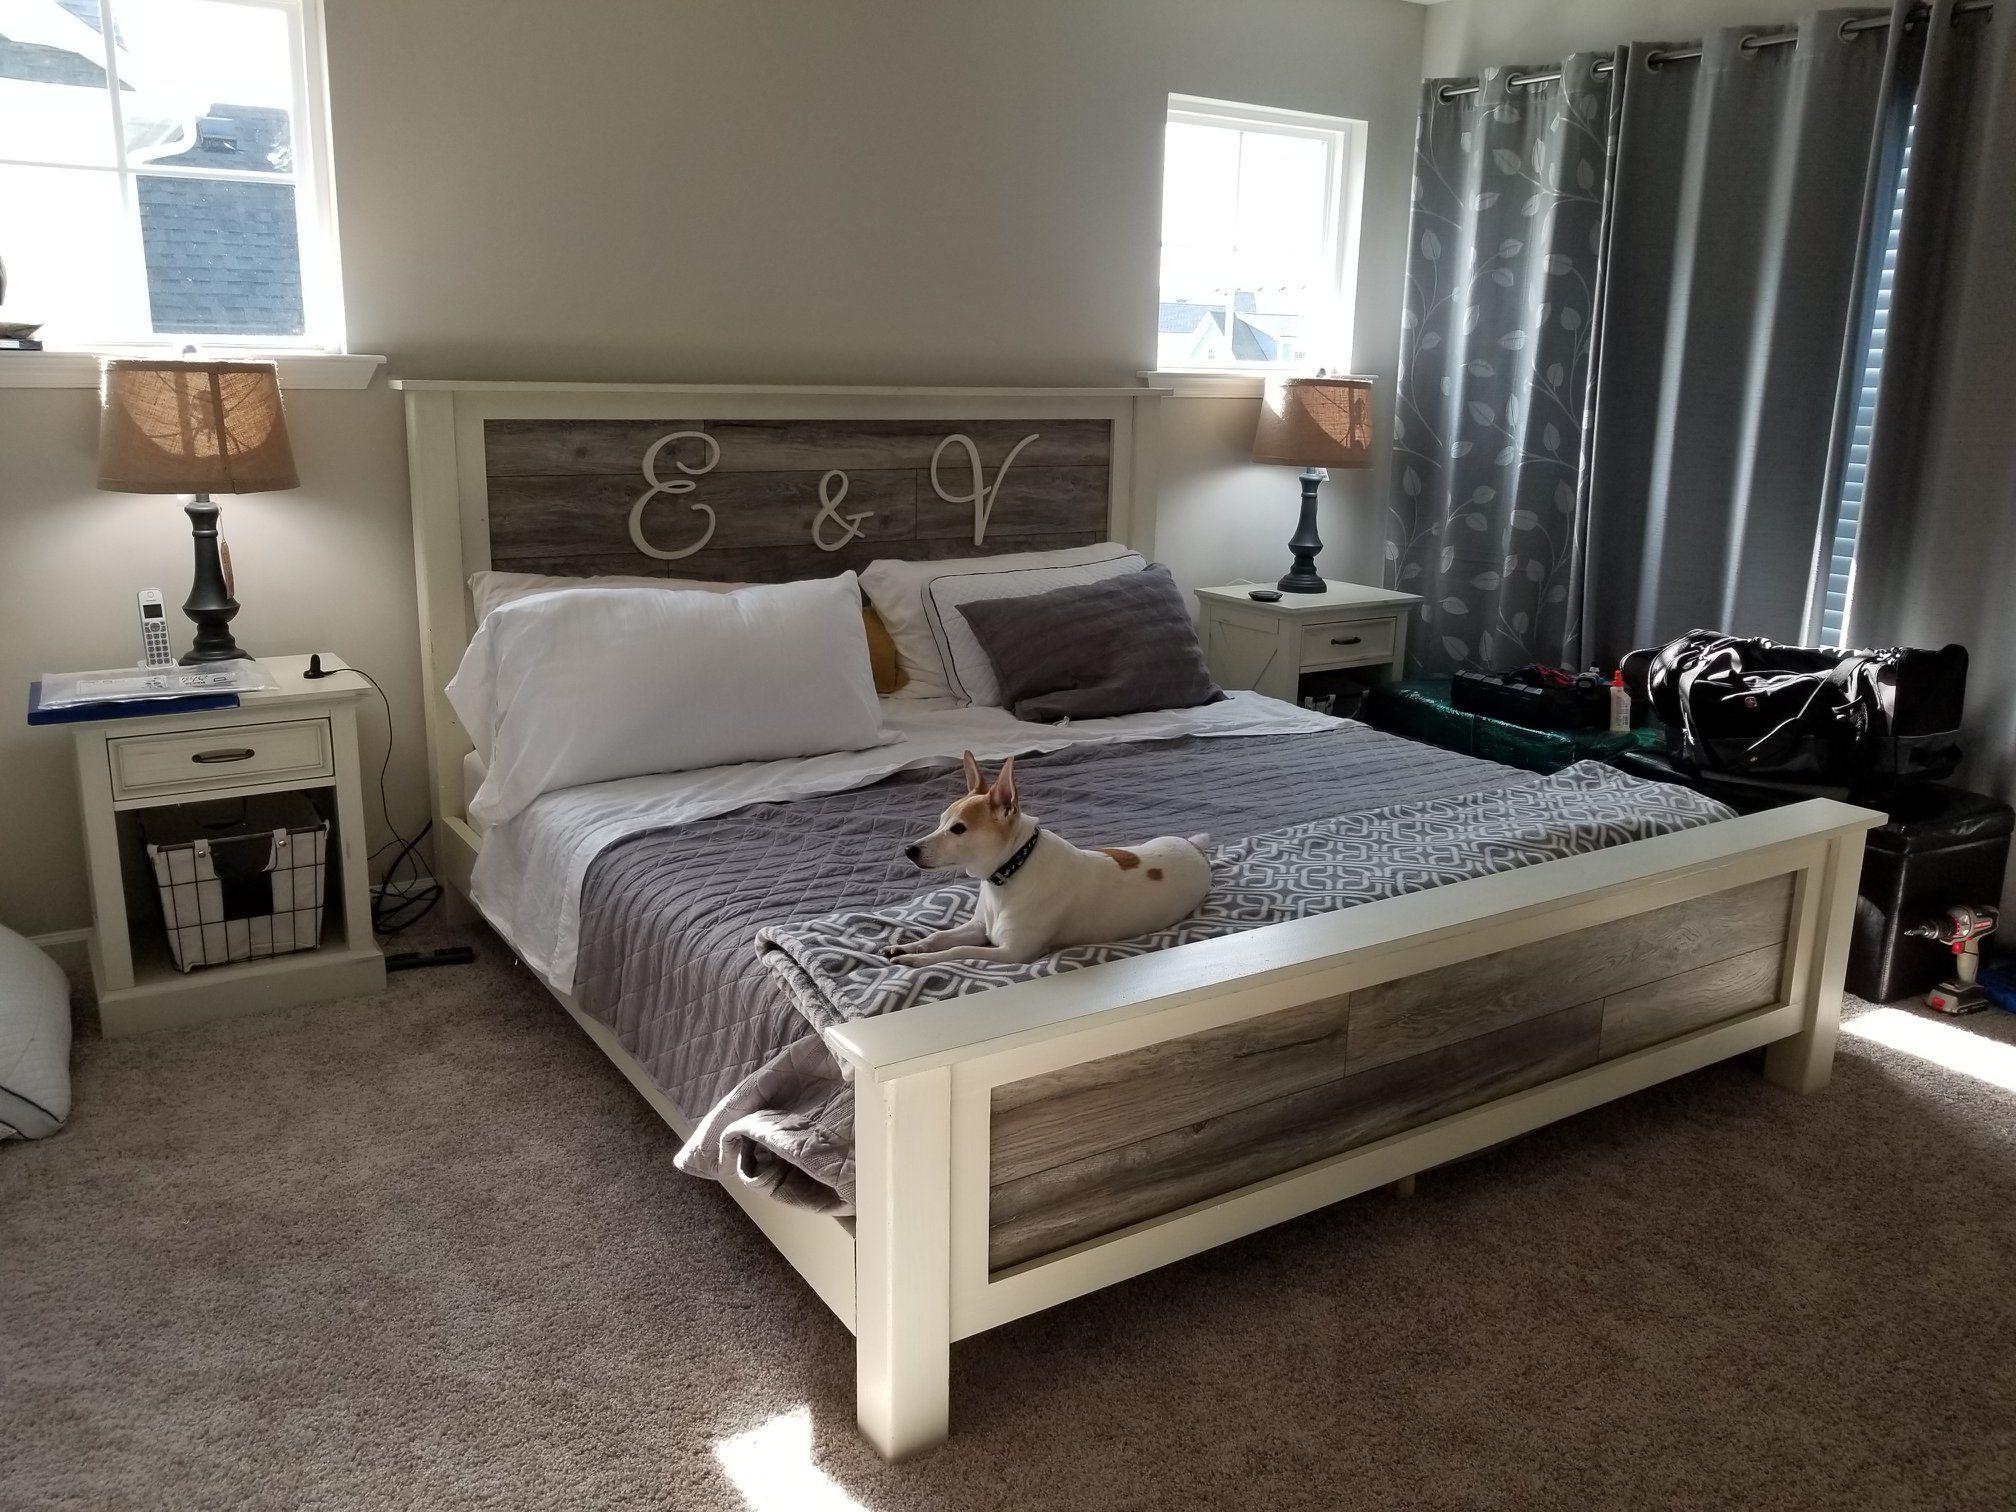 DIY Farmhouse Bed King Version Diy king bed frame, Bed